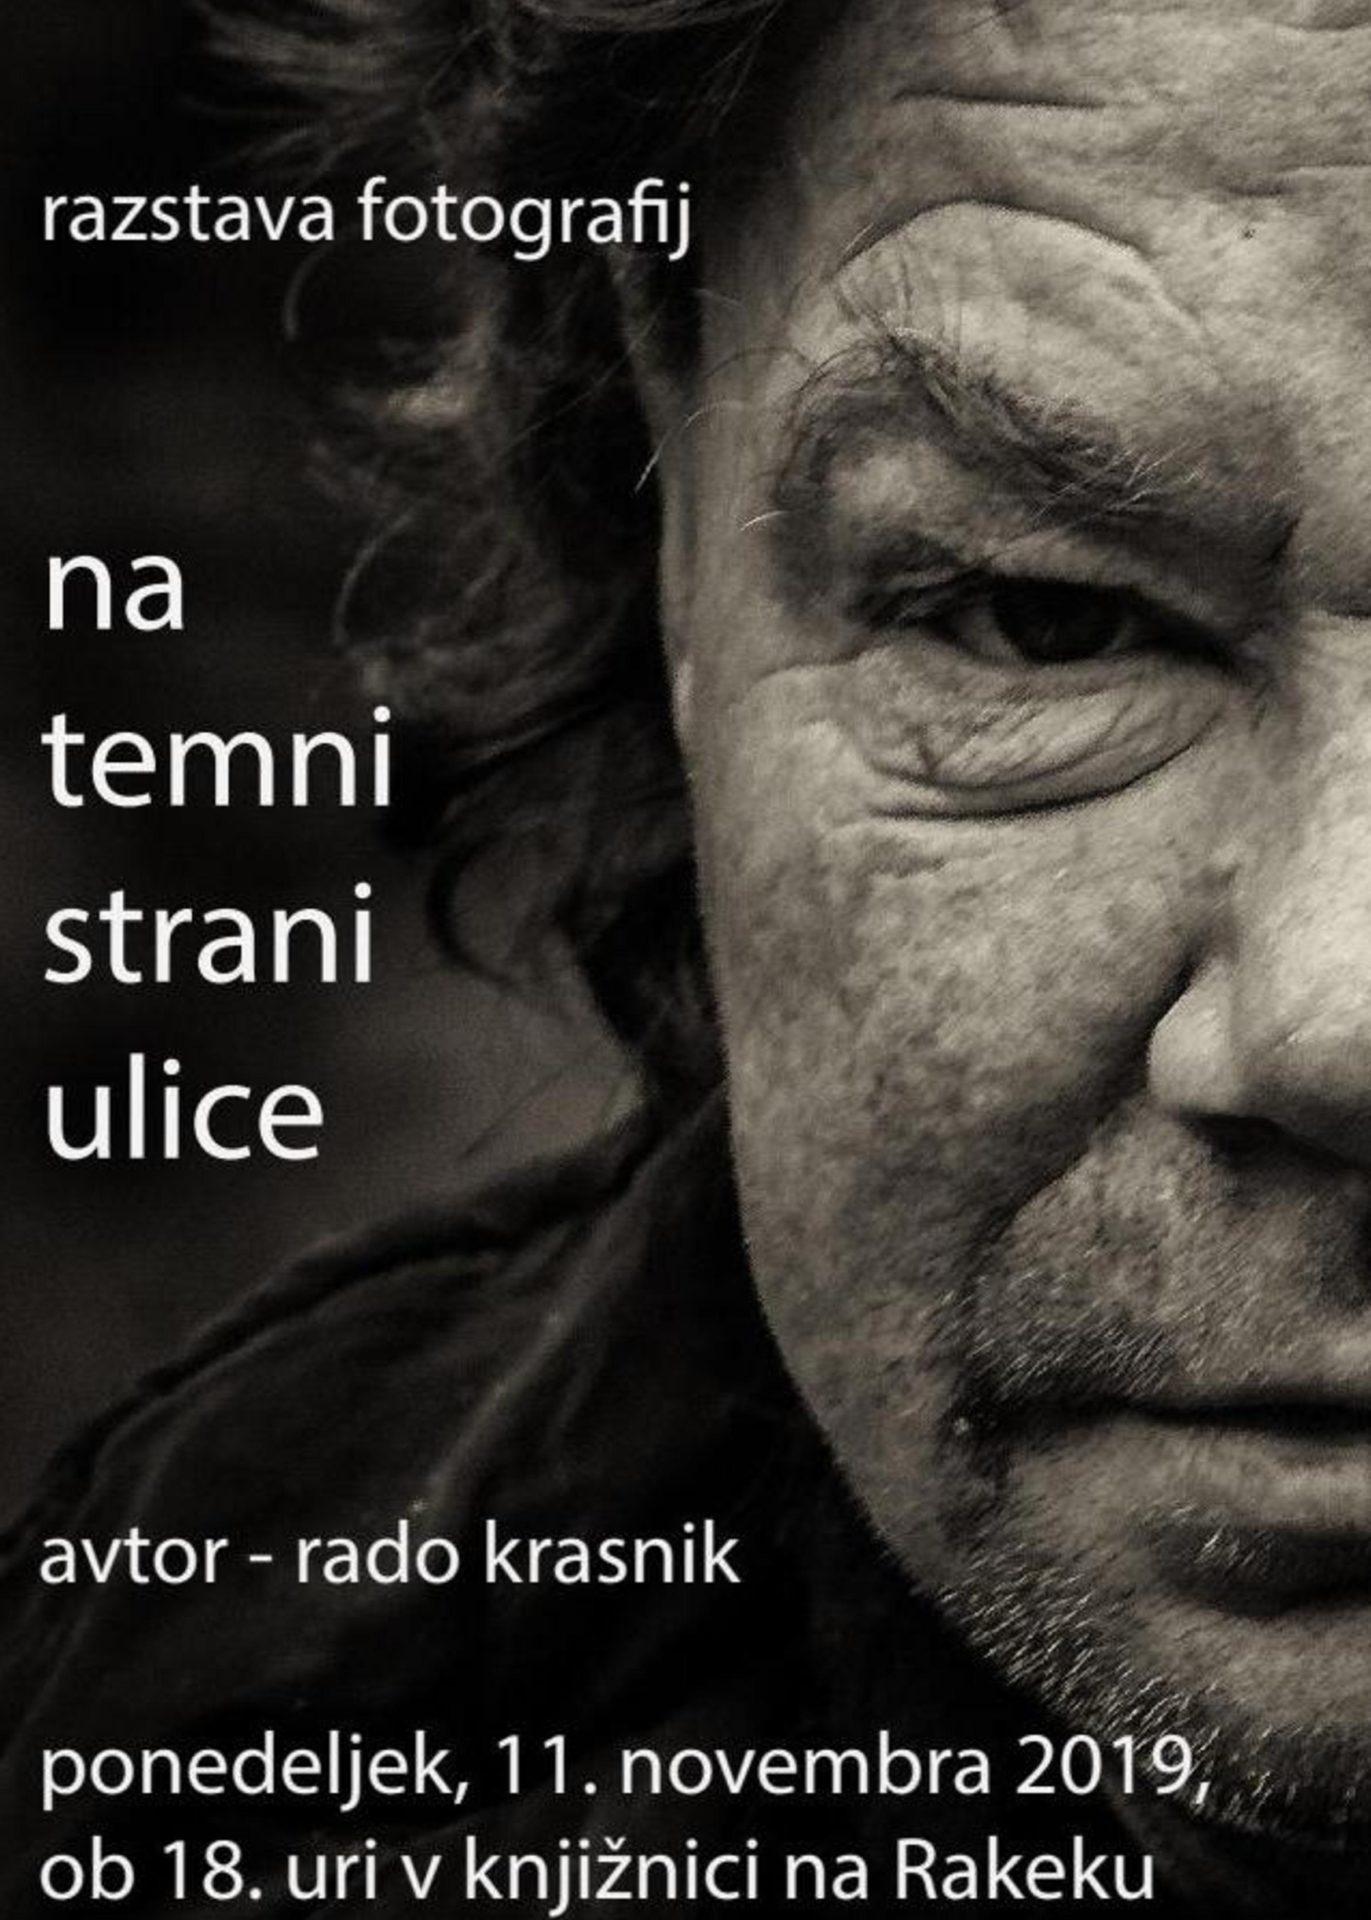 cover1 - Rado Krasnik - Na temni strani ulice: odprtje razstave fotografij